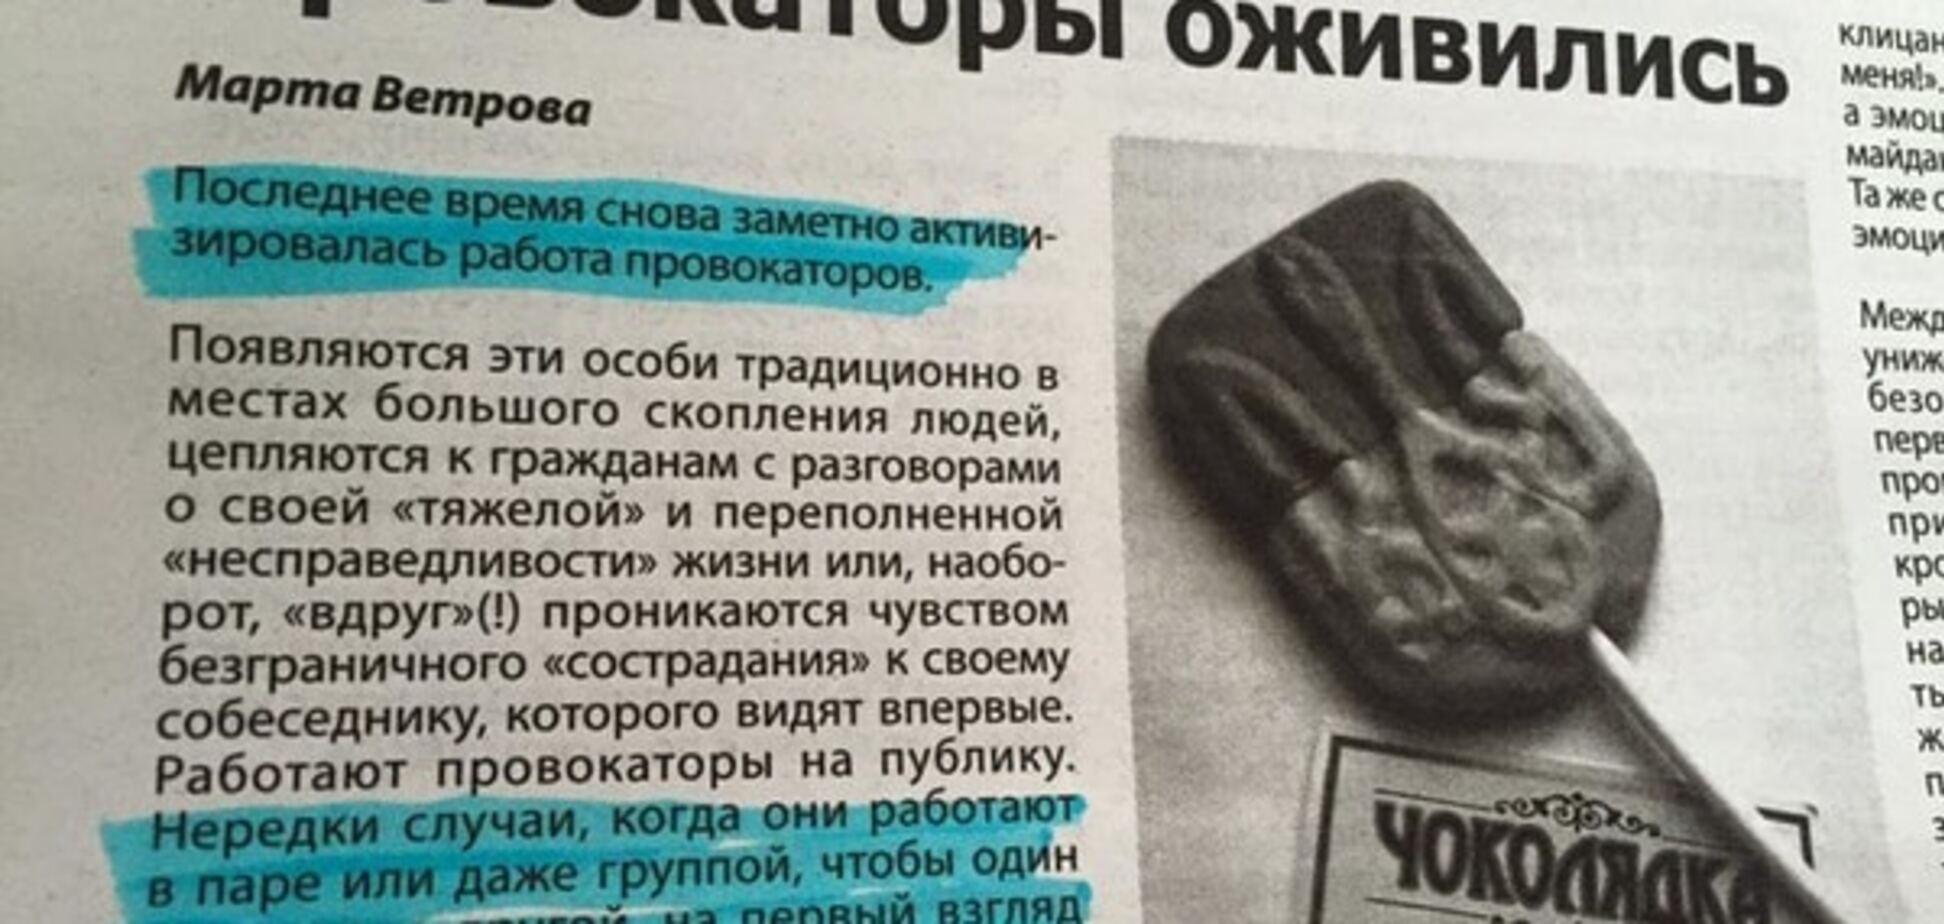 Террористы 'ДНР' пожаловались на массовых провокаторов за Украину